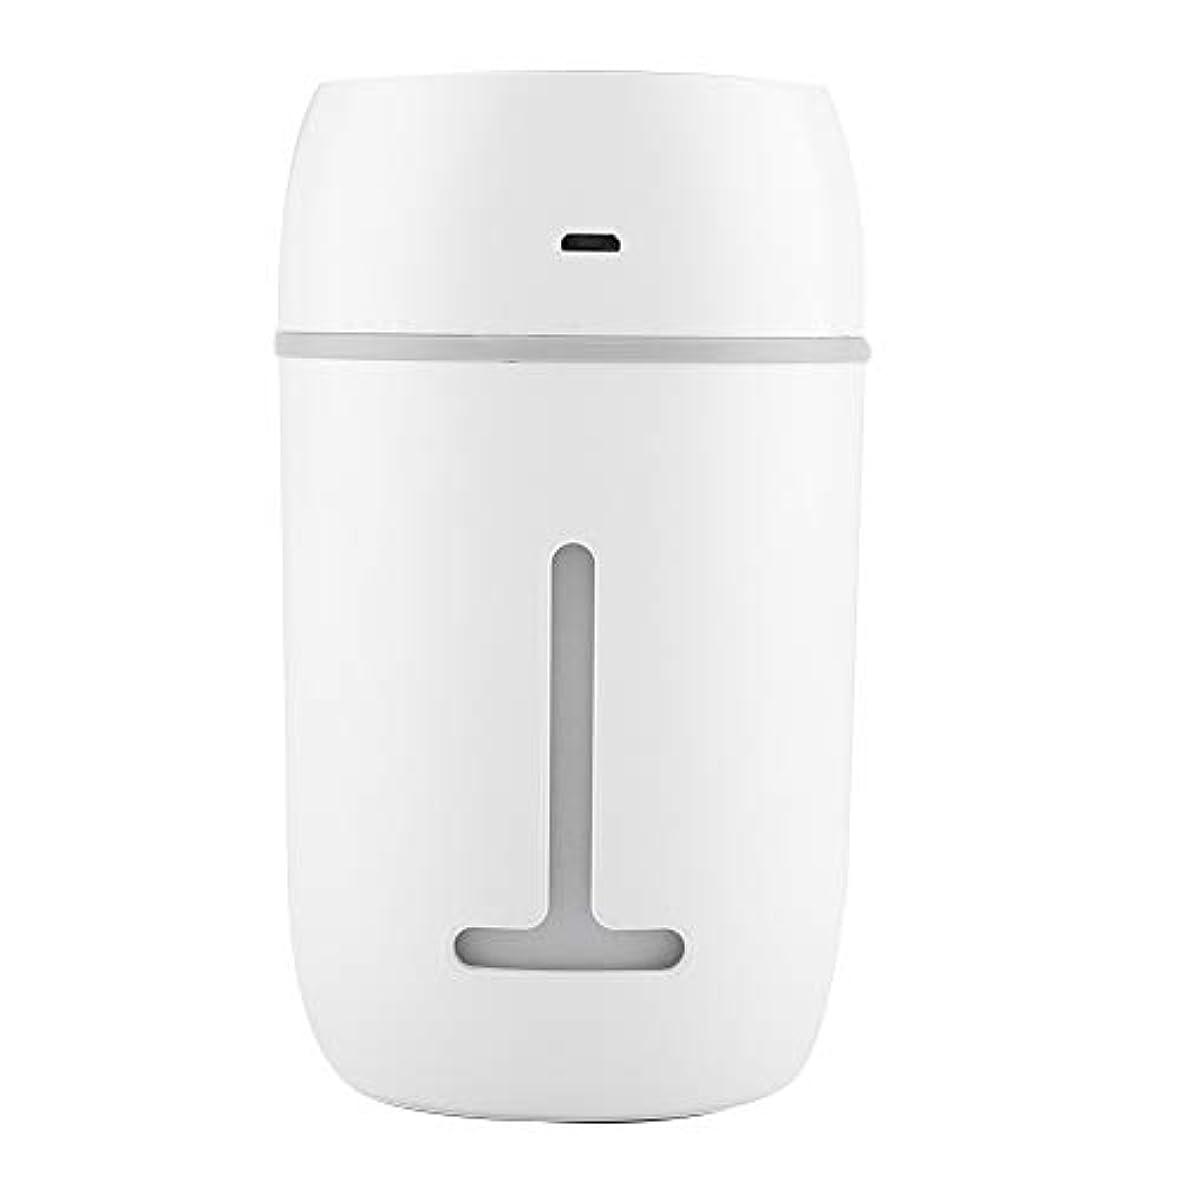 朝食を食べるサイトライン掘るミニUSB加湿器、超音波クールミスト加湿器充電式ポータブルカーオフィス加湿器ディフューザー7色LEDライト